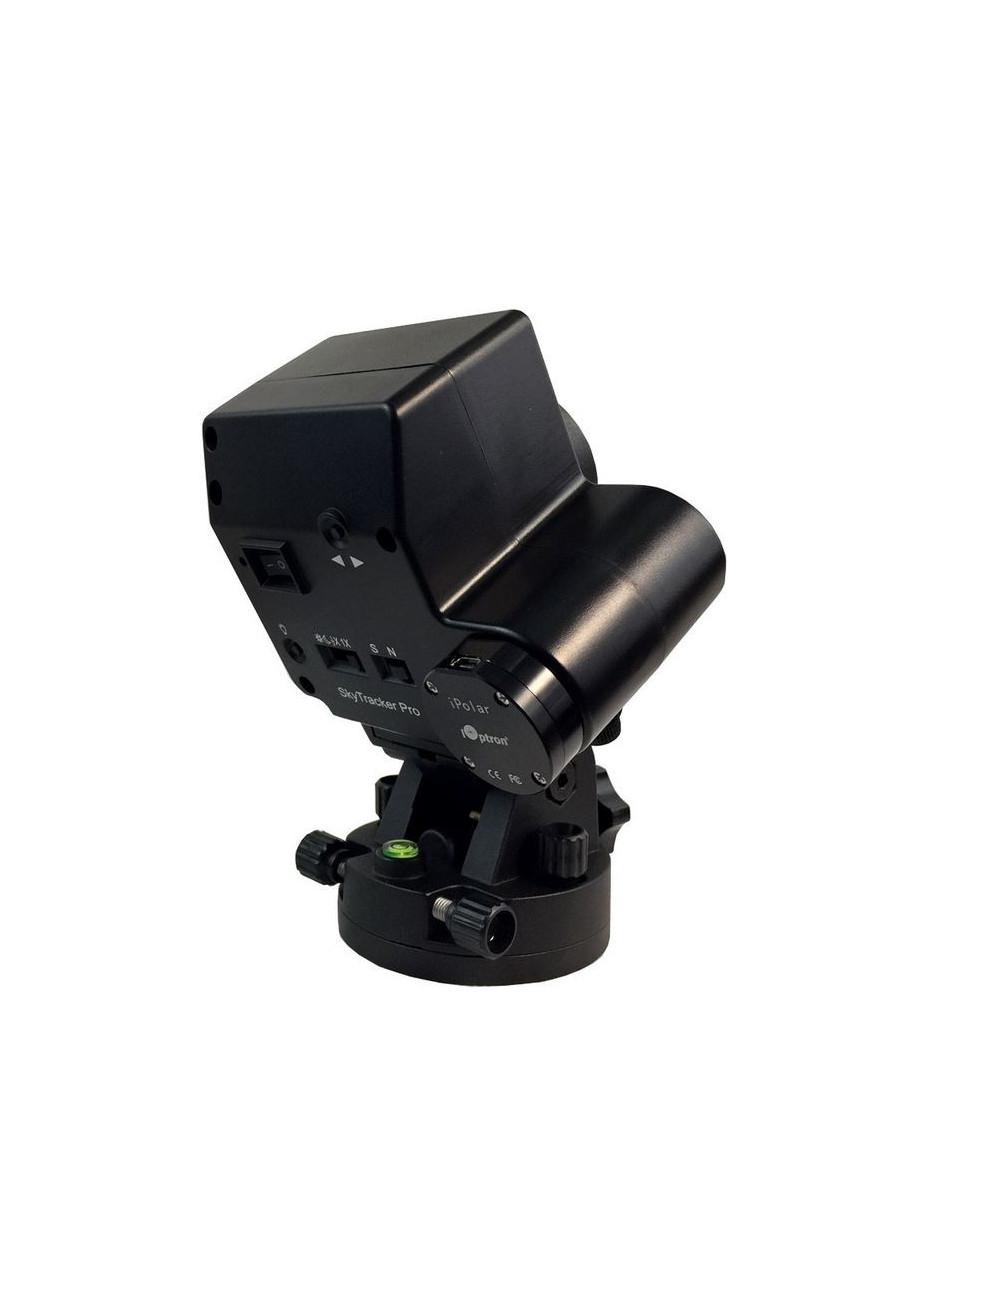 Monture iOptron SkyTracker Pro avec iPolar